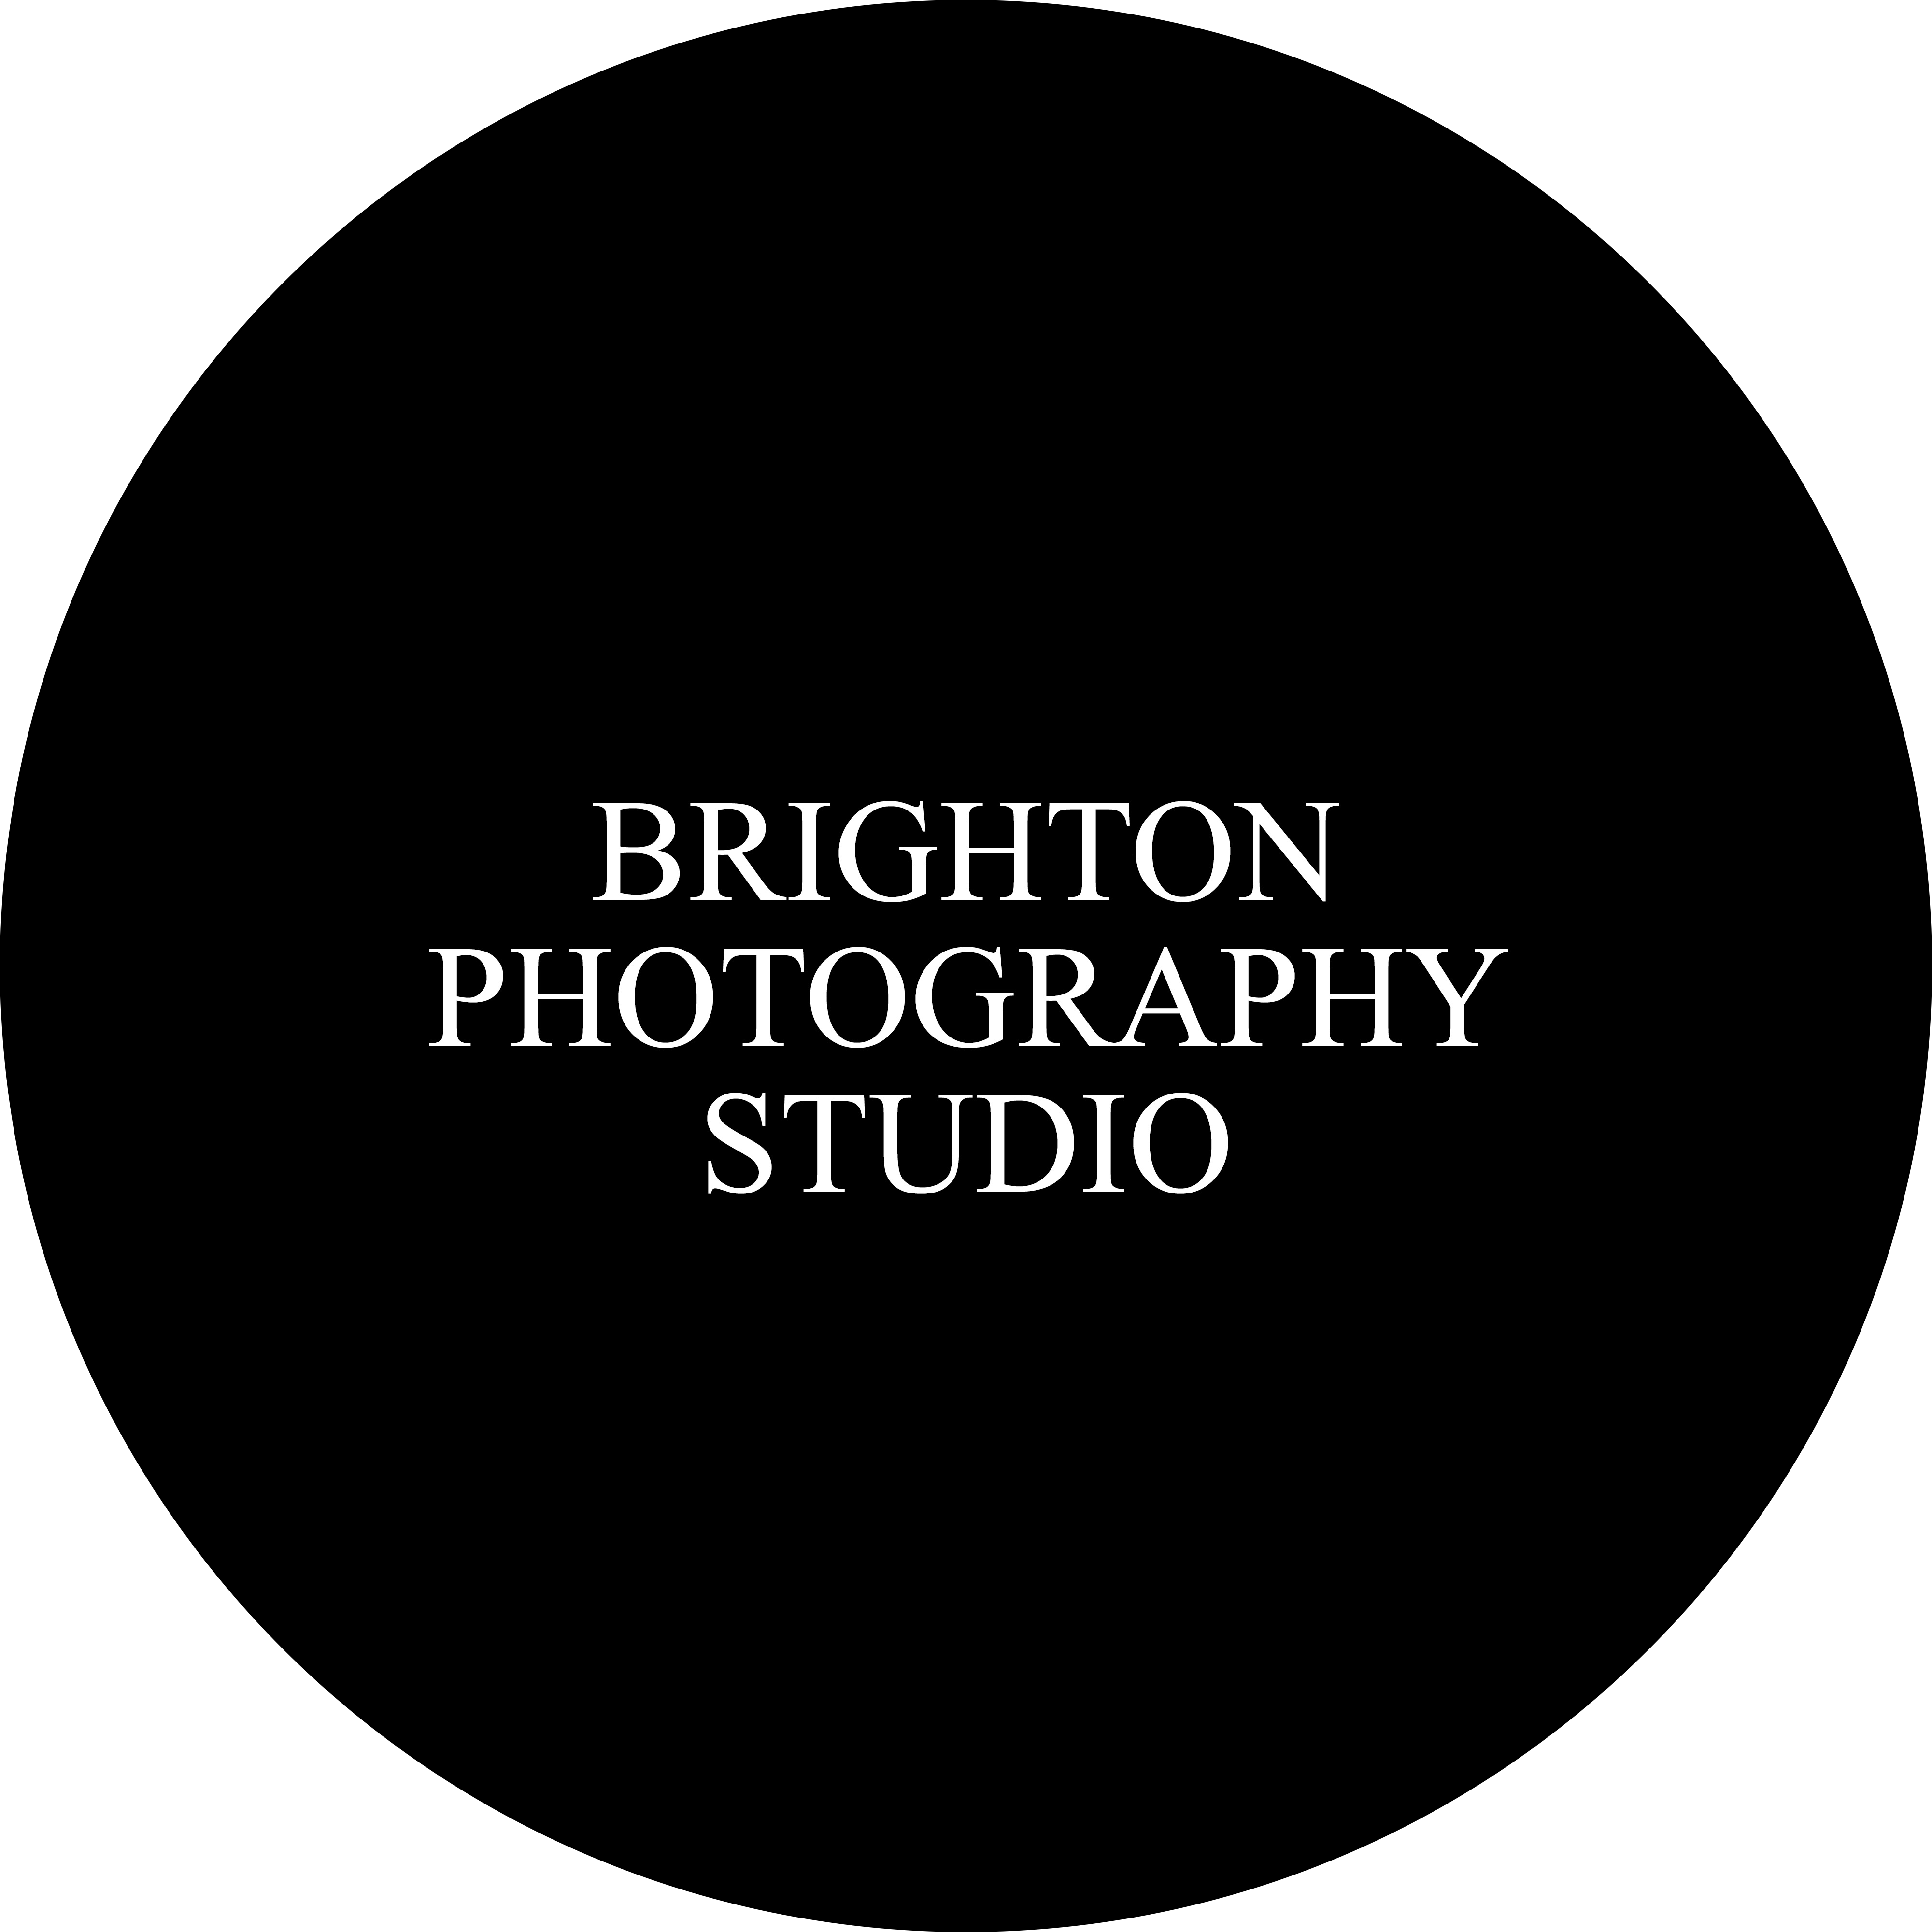 Brighton pHotography Studio